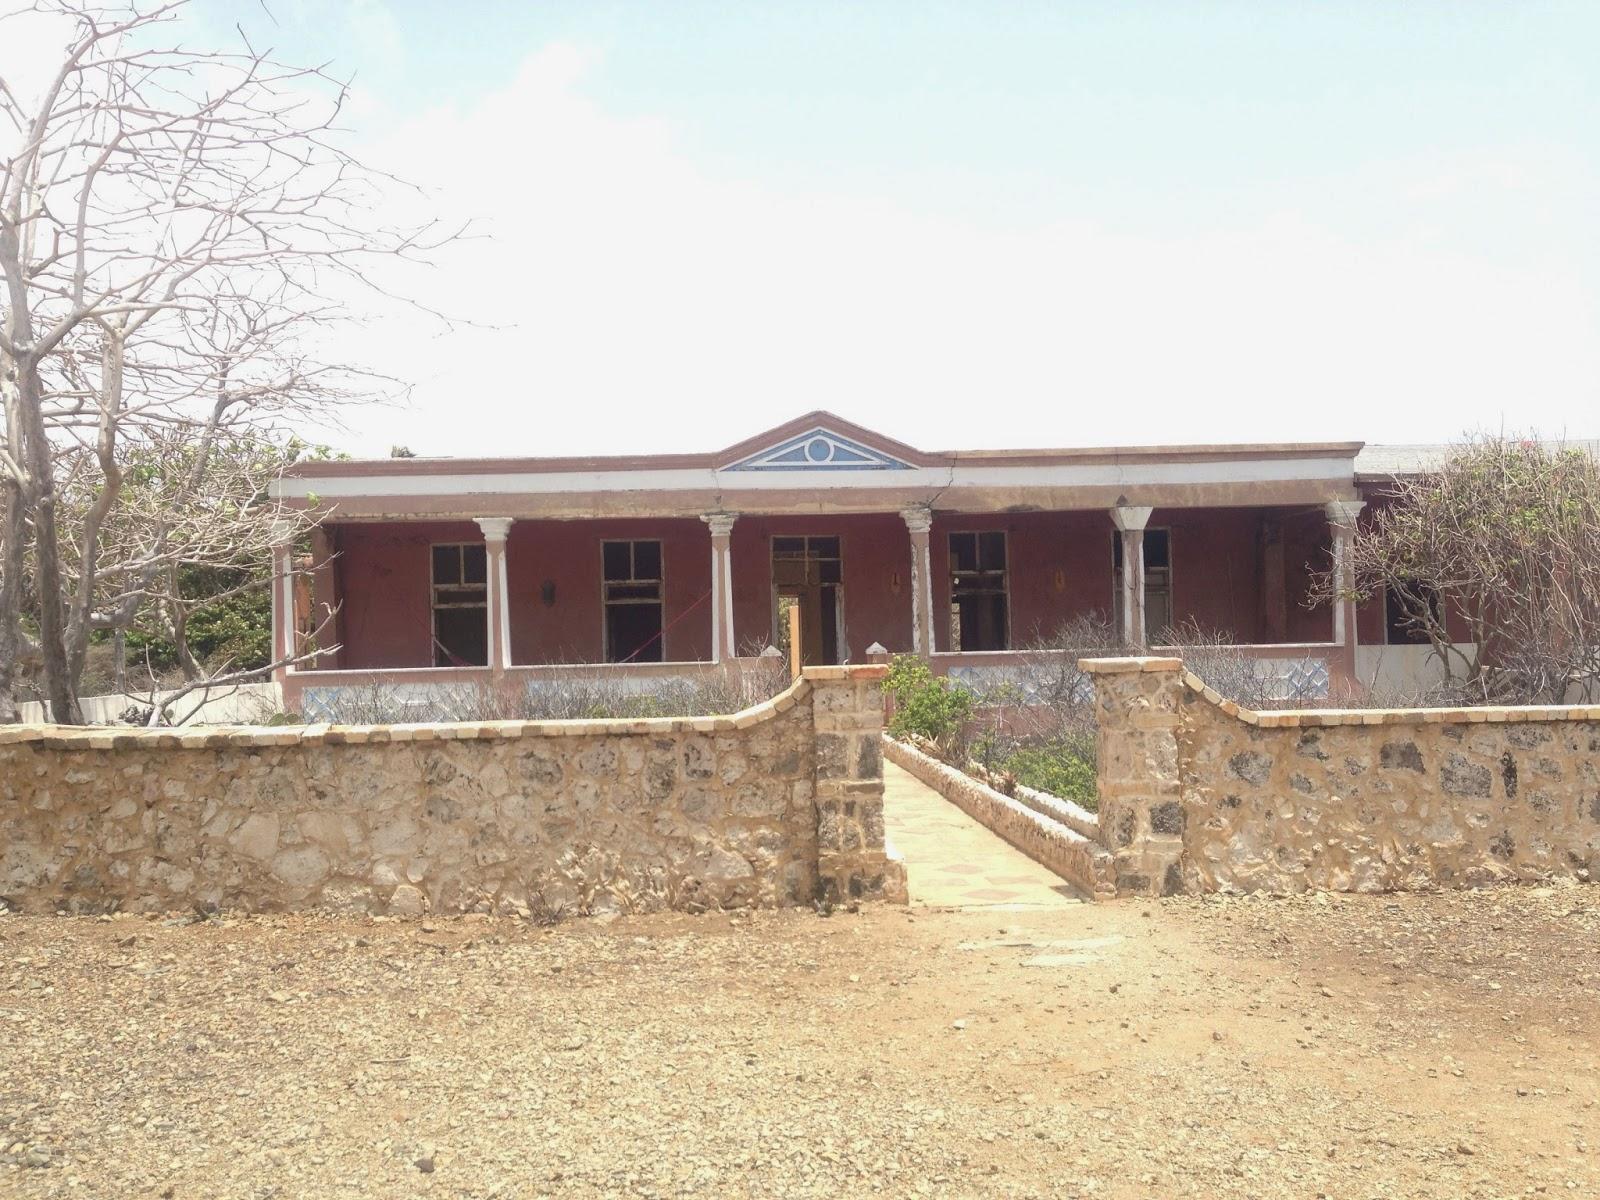 De belevenissen van de Familie Fingal op Aruba: juli 2014